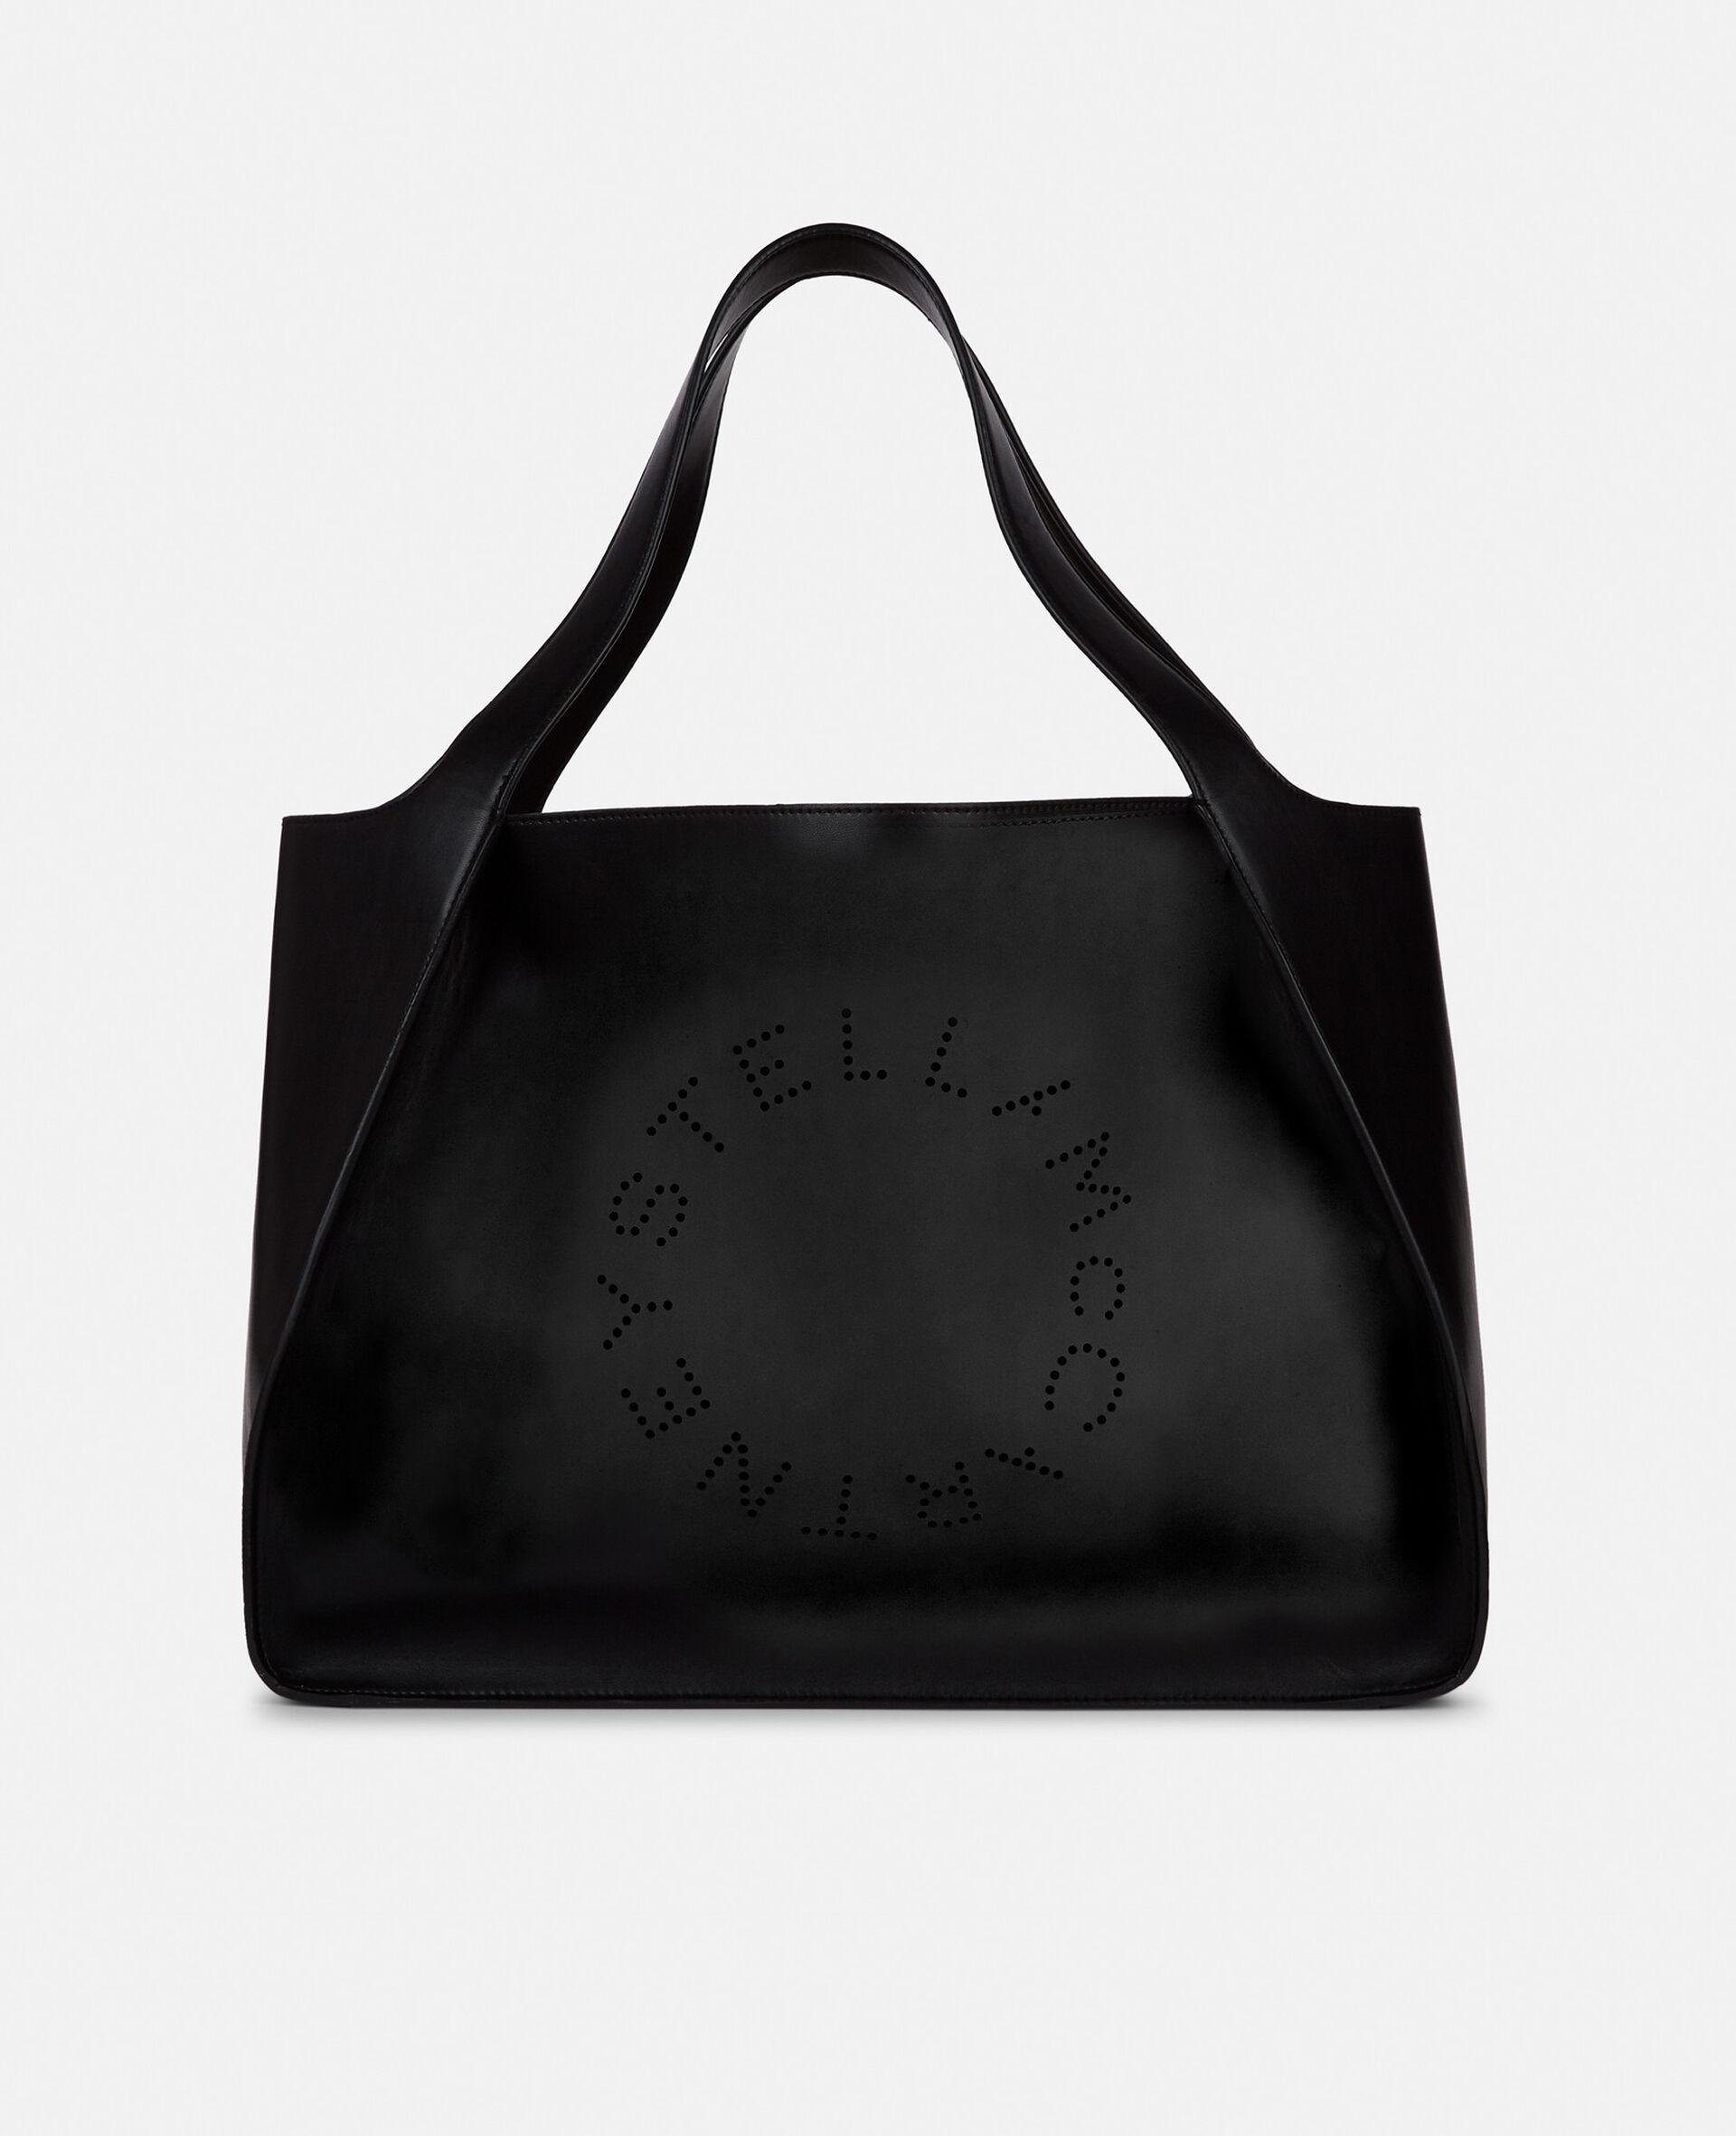 Stella Logo 托特包-棕色-large image number 0